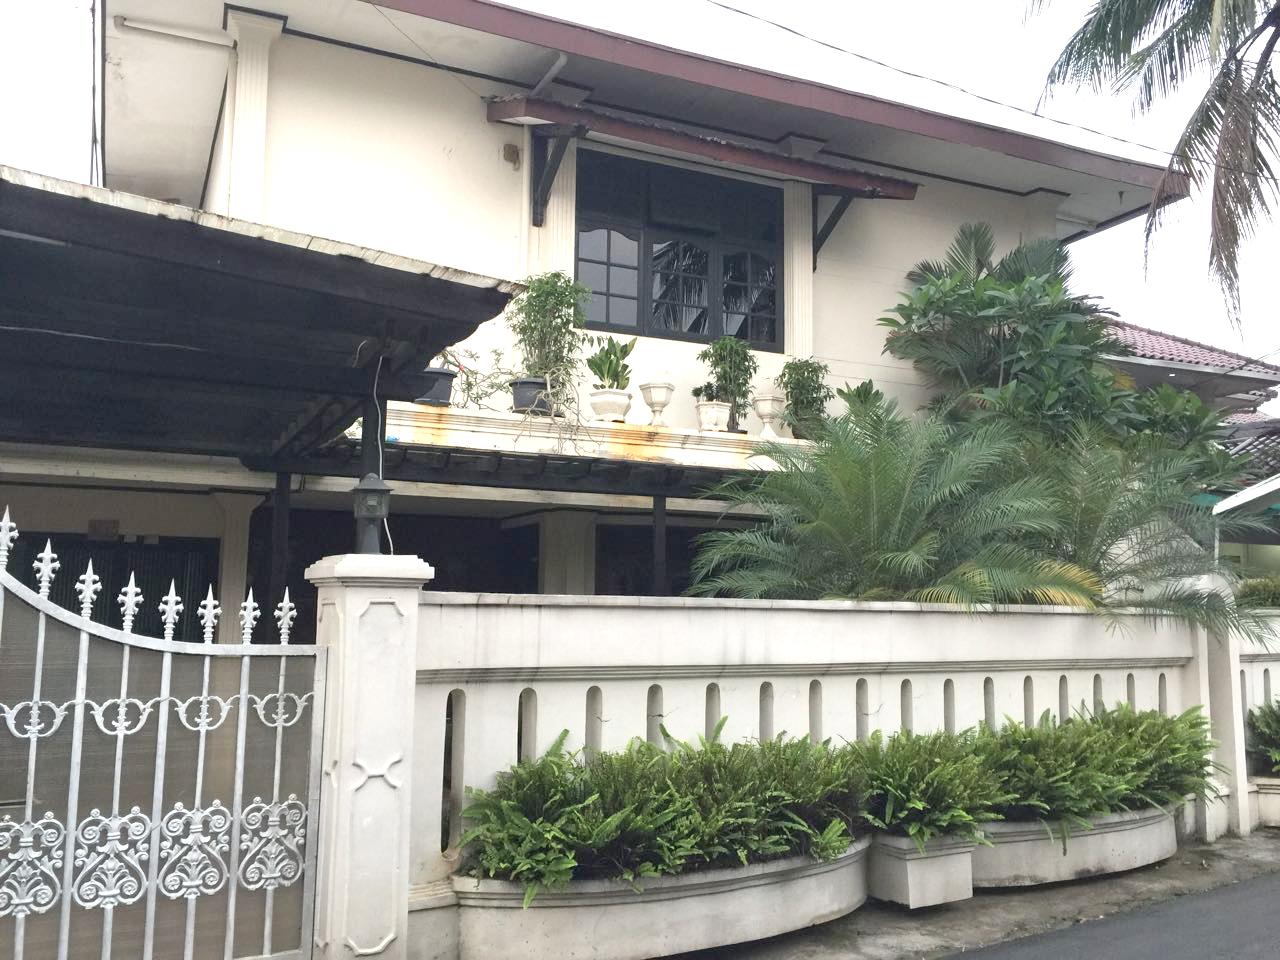 Rumah dijual nyaman, aman, akses lokasi sangat strategis @Jl Kesehatan-Bintaro